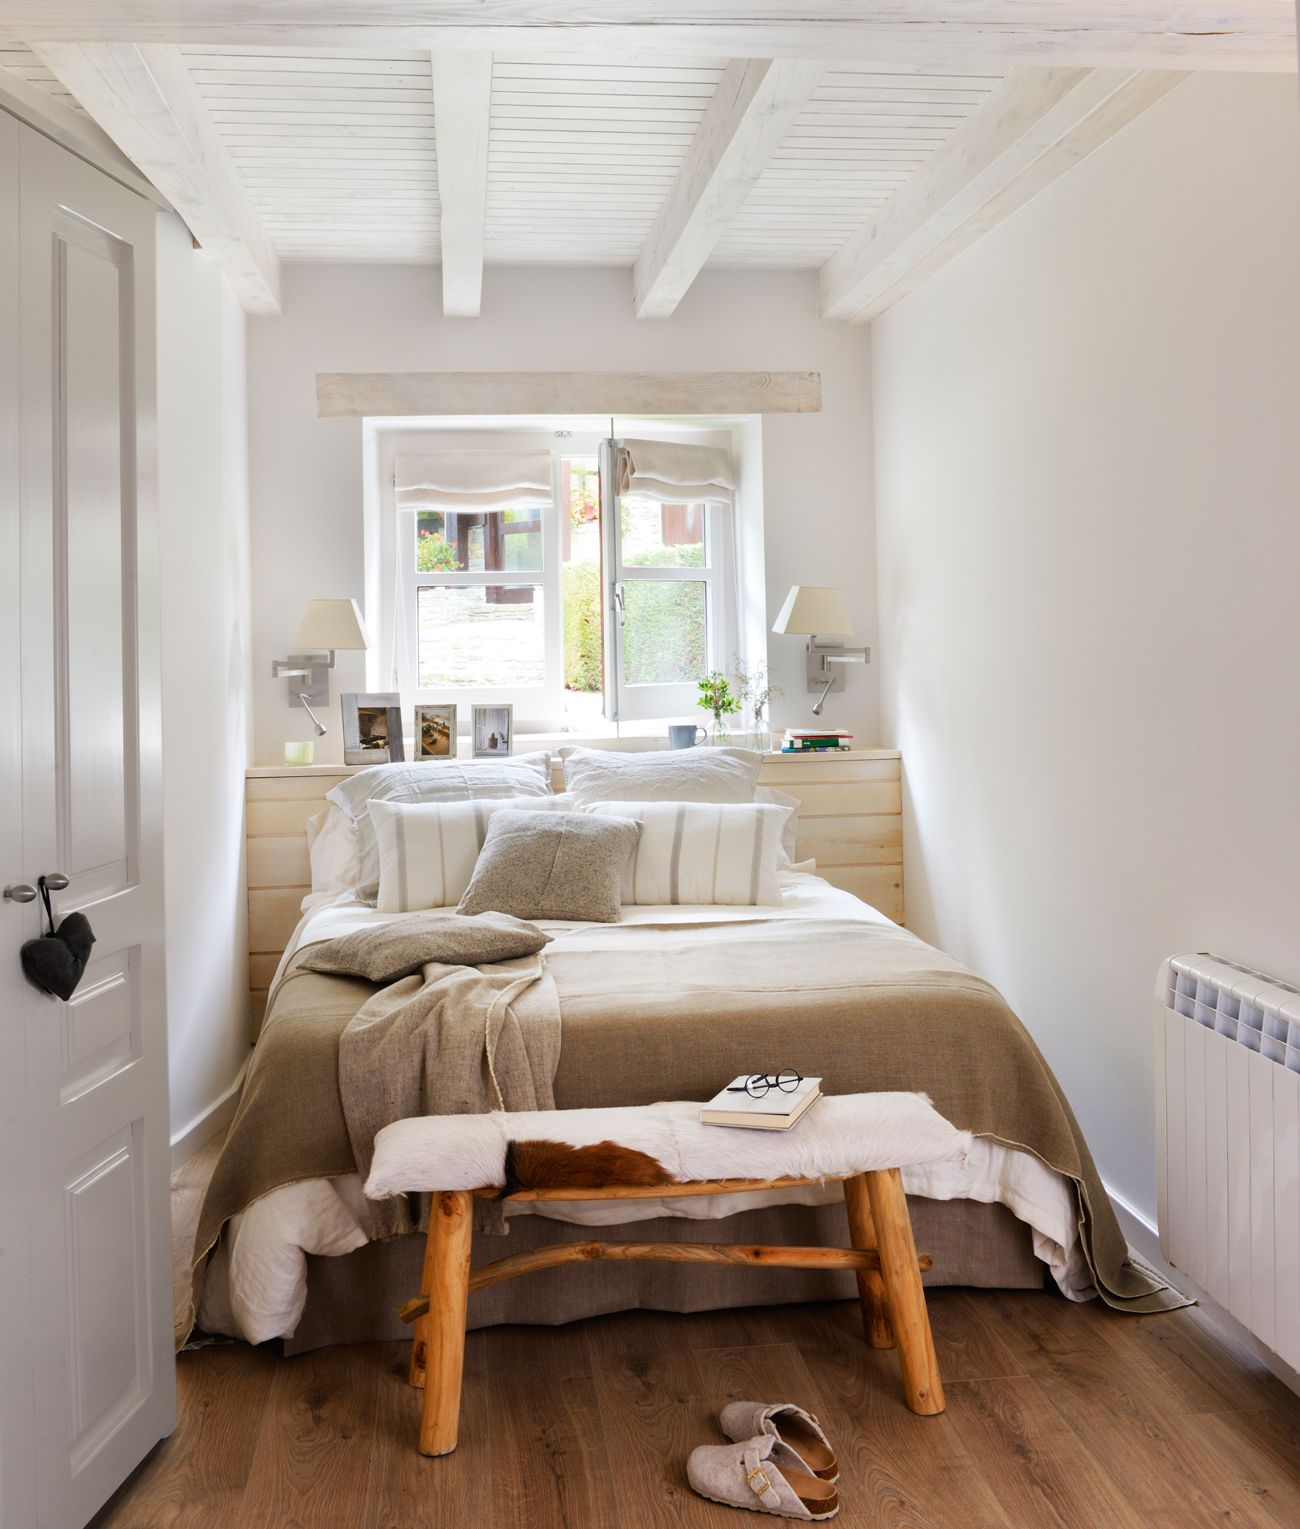 Dormitorio peque o r stico en blanco con cabecero a medida for Muebles piso pequeno